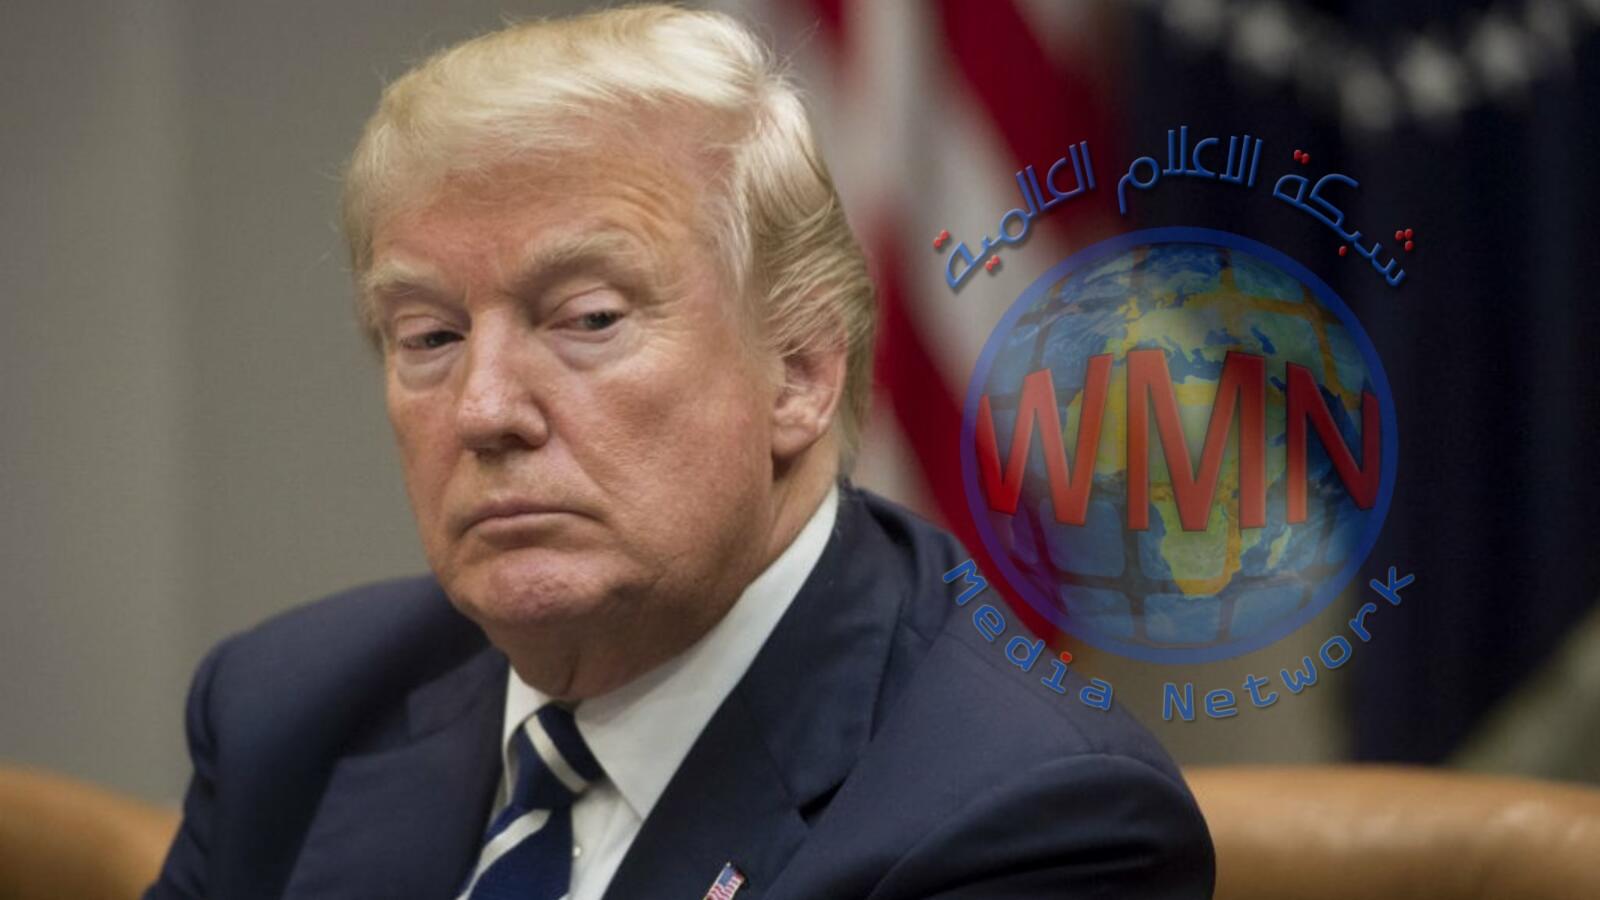 الرئيس الأمريكي دونالد ترامب يعلن عقوبات جديدة ضد إيران